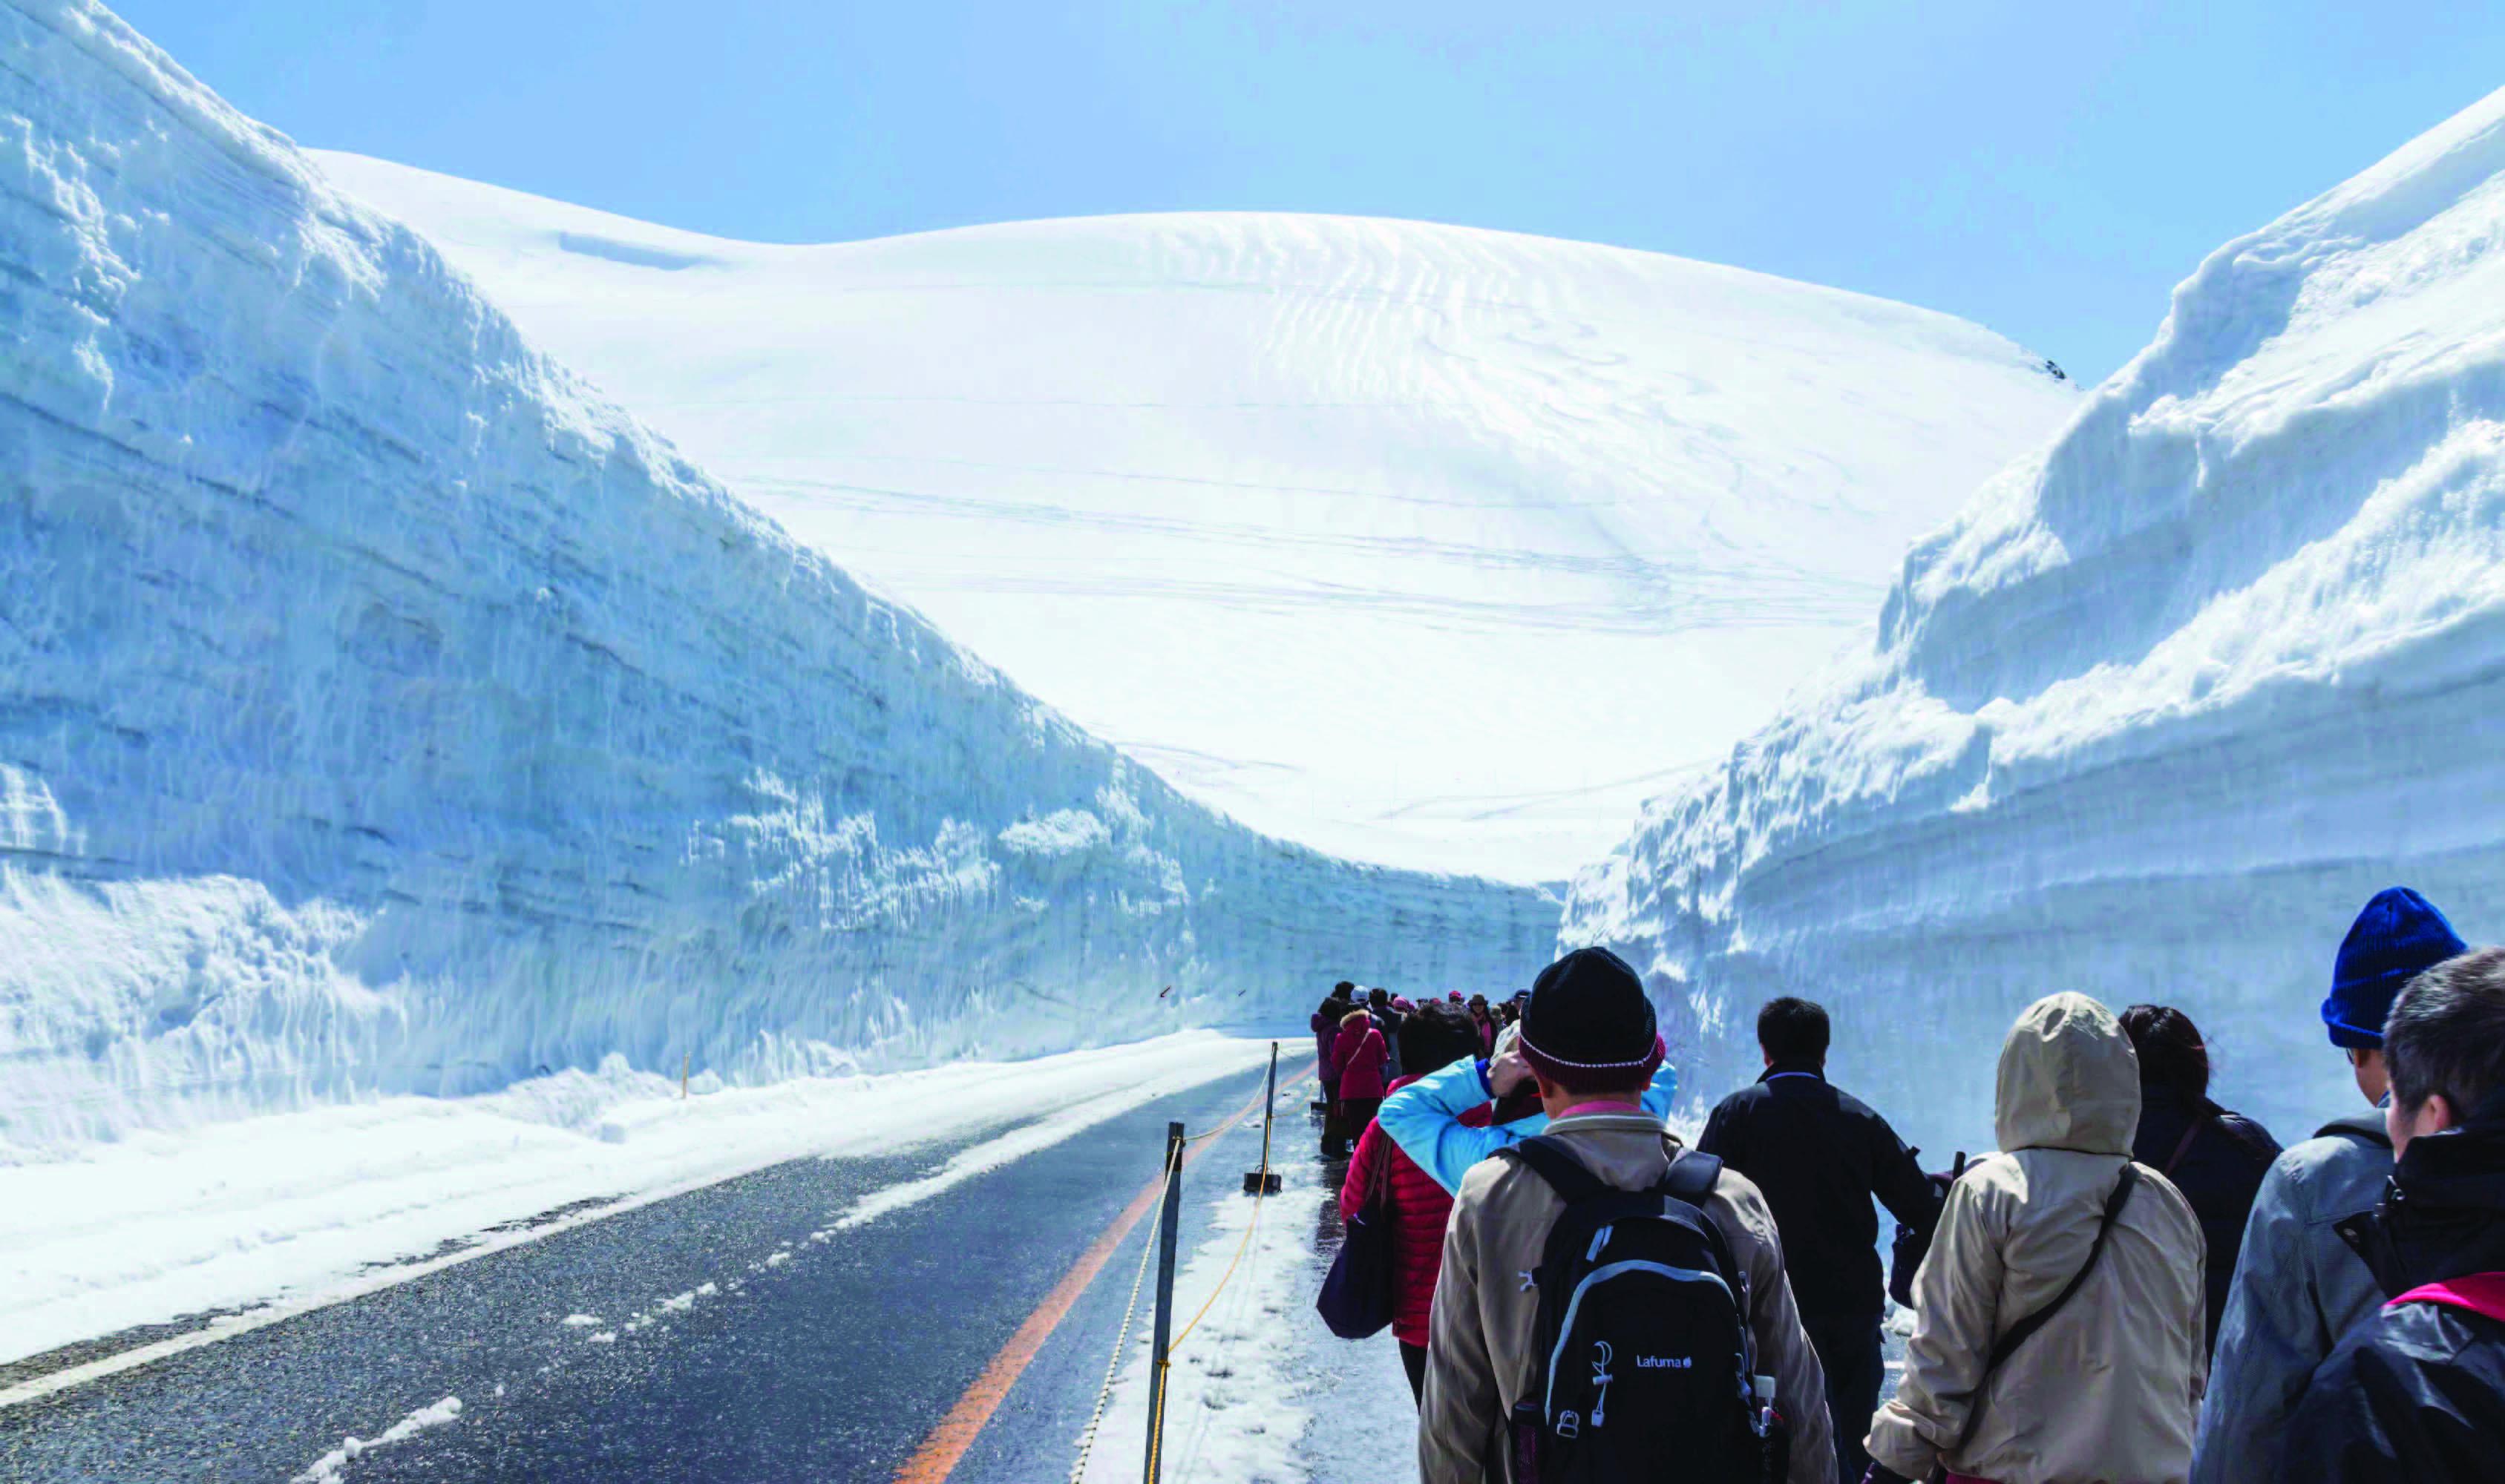 ทัวร์ญี่ปุ่น  Snow Wall Japan Alps #1 5วัน4คืน บิน TZ